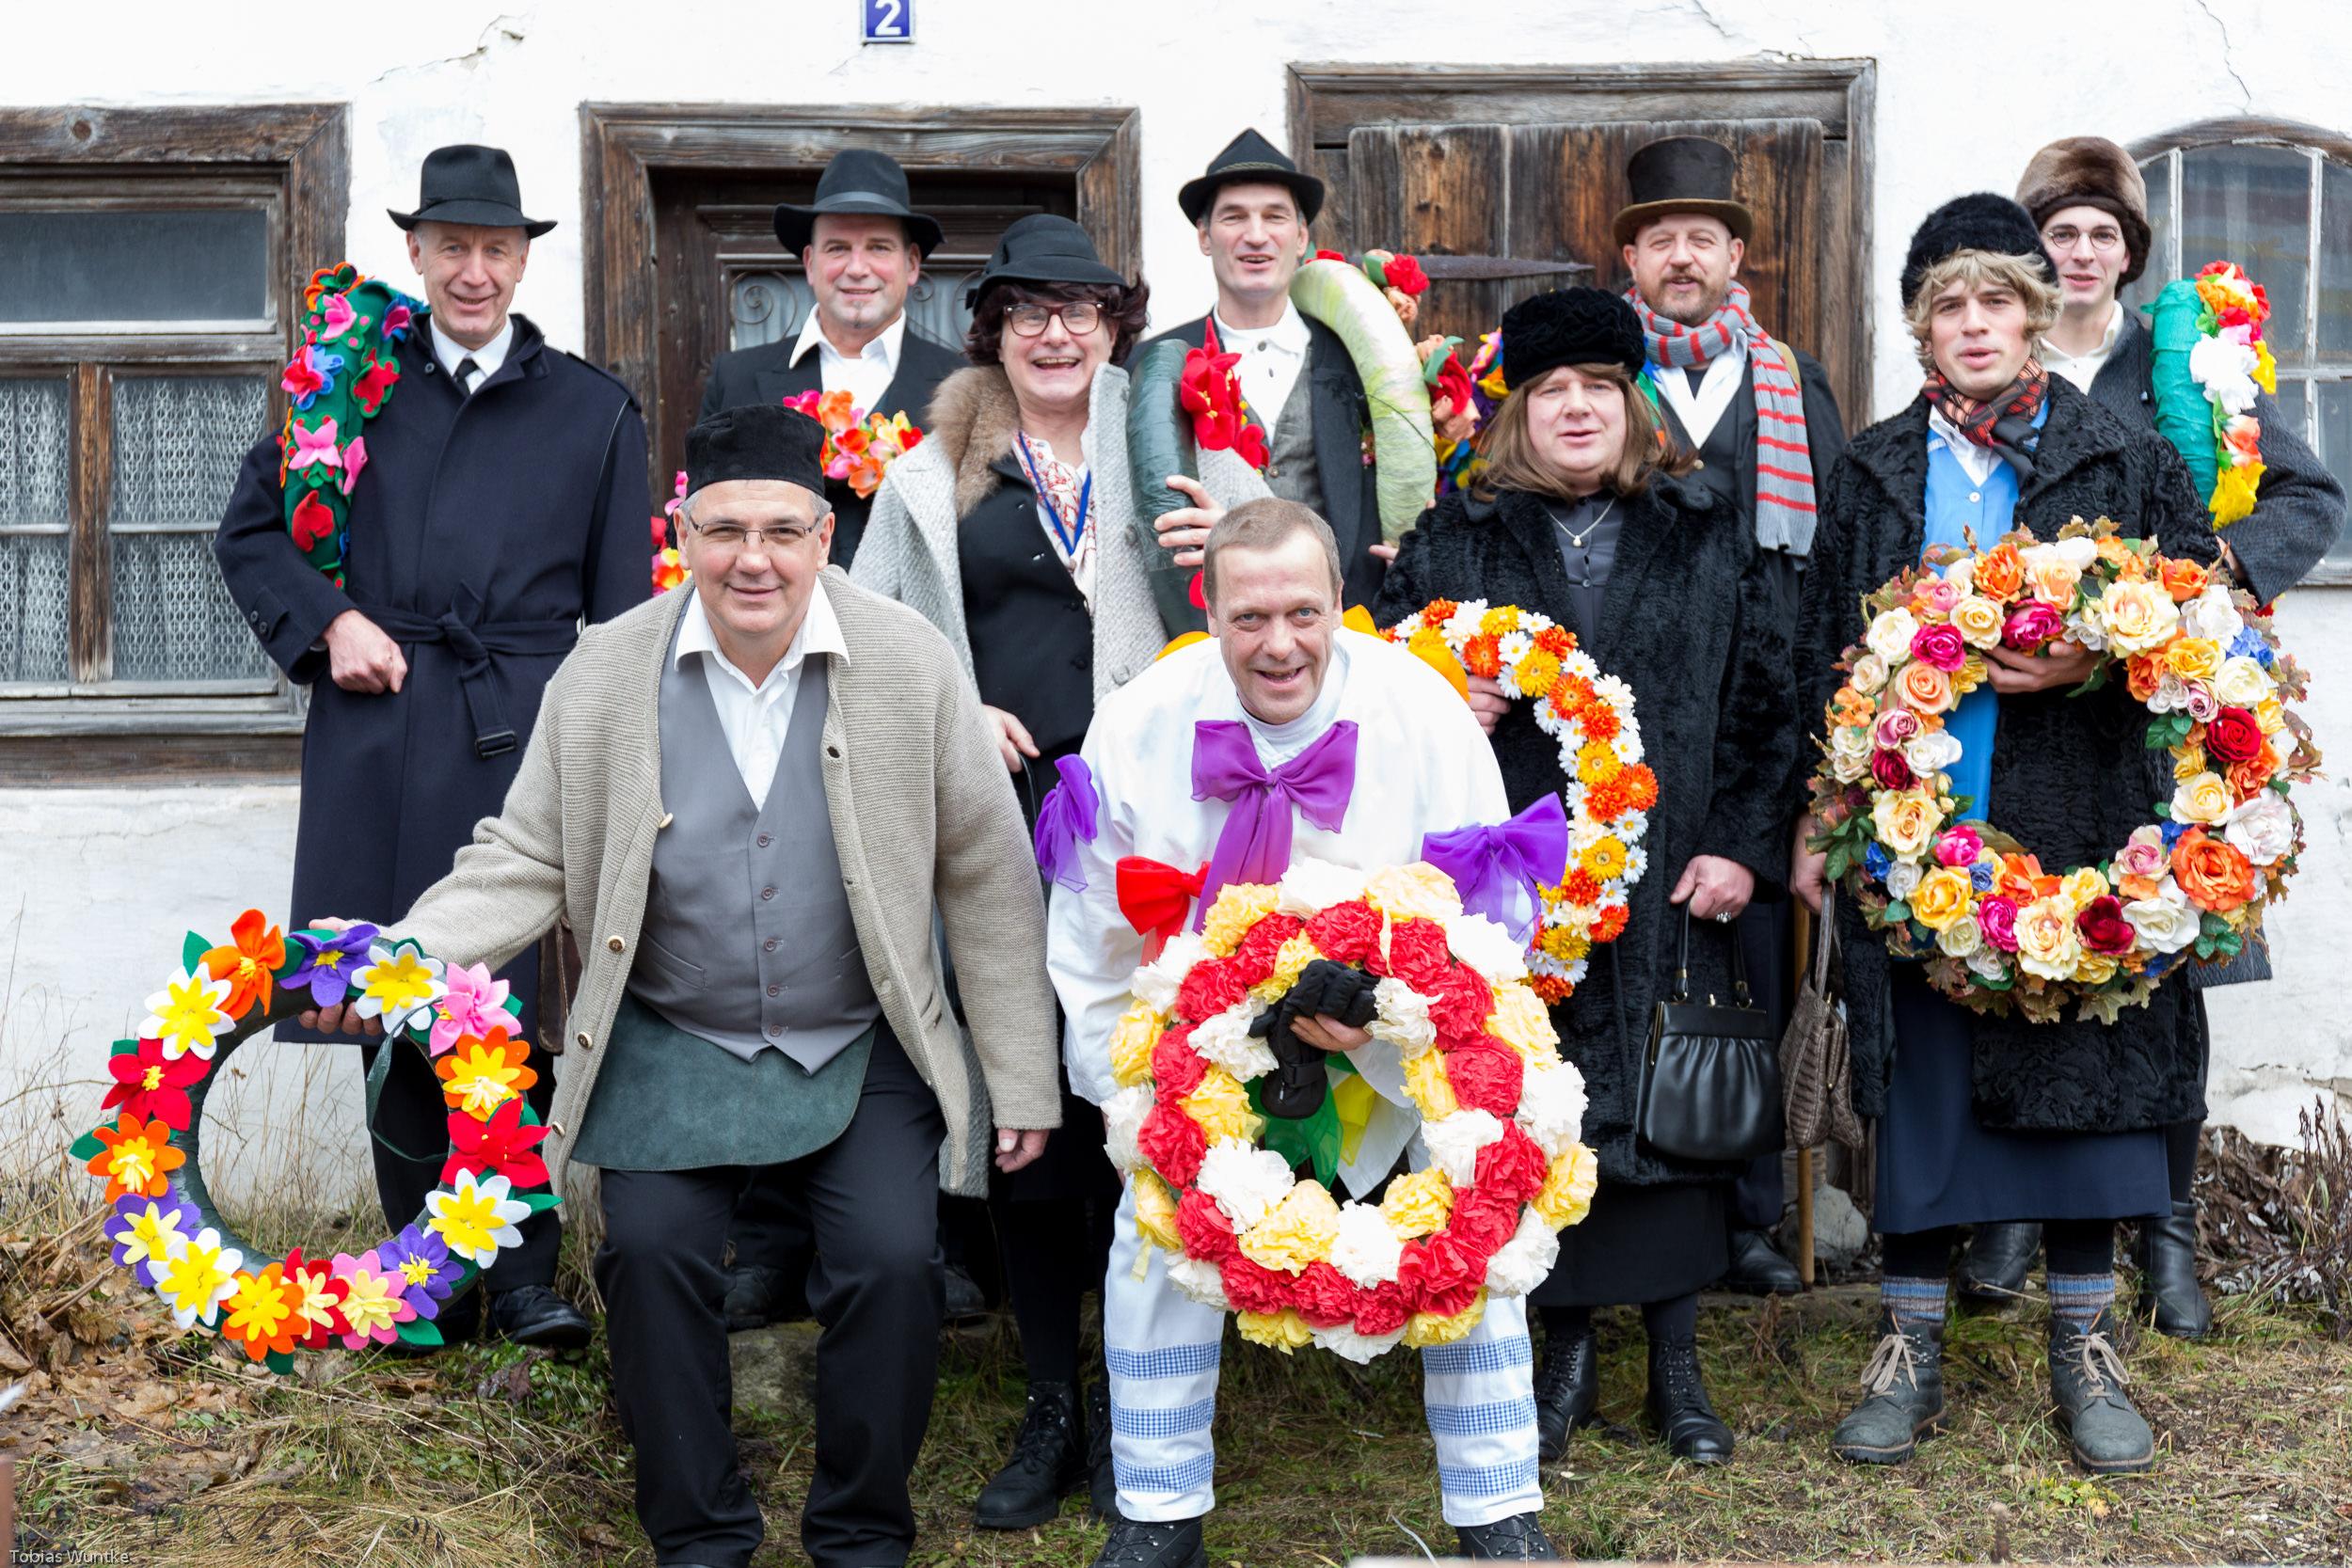 Die Teilnehmer des Burladinger Fasnetsspiels beim Gruppenfoto vor dem ältesten Haus des Ortes.